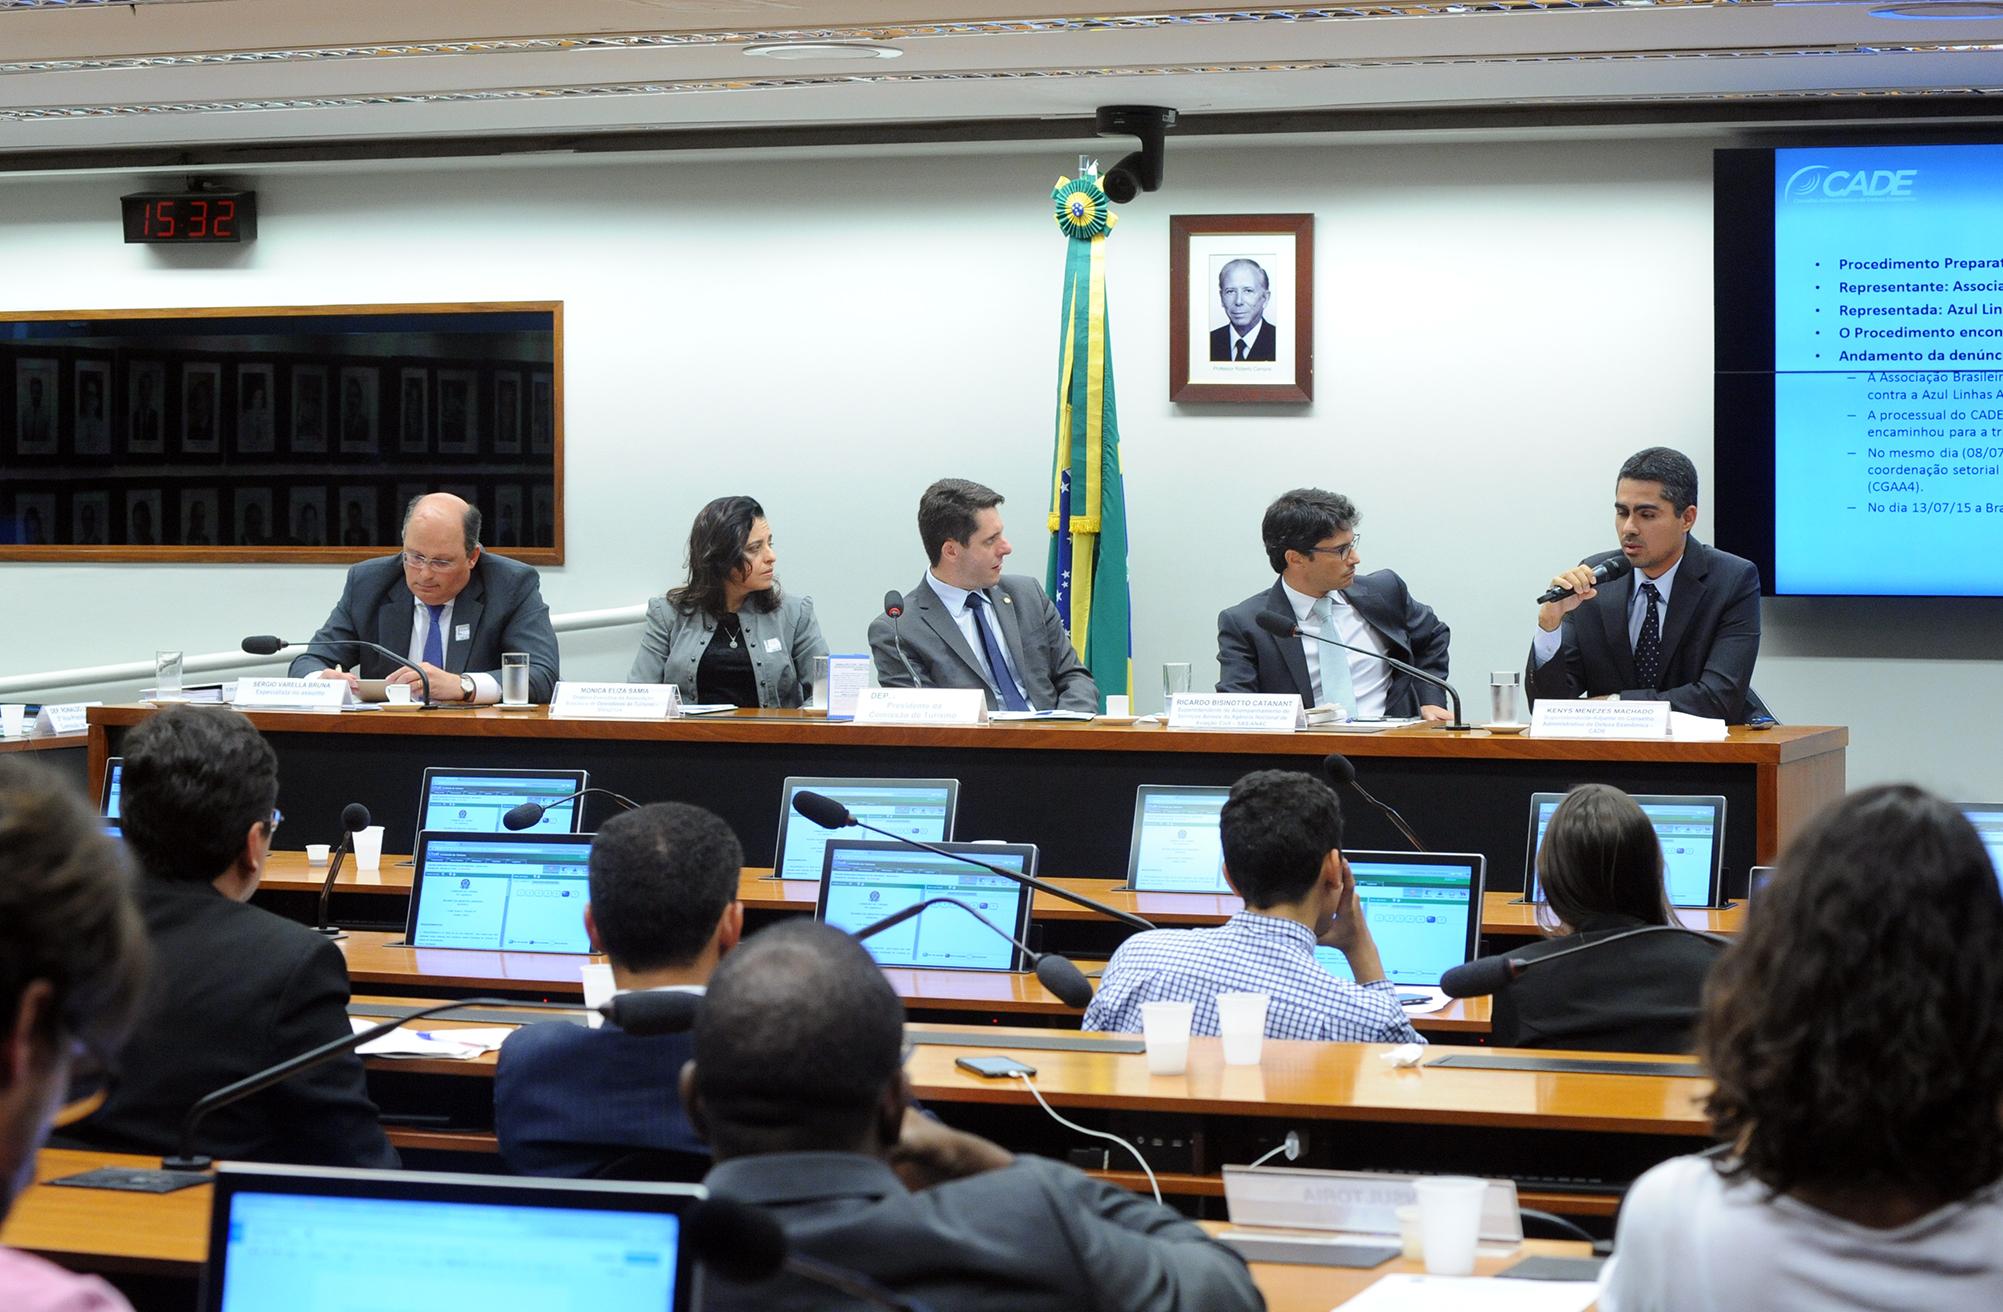 Audiência pública sobre a denúncia da Braztoa junto ao CADE e à ANAC